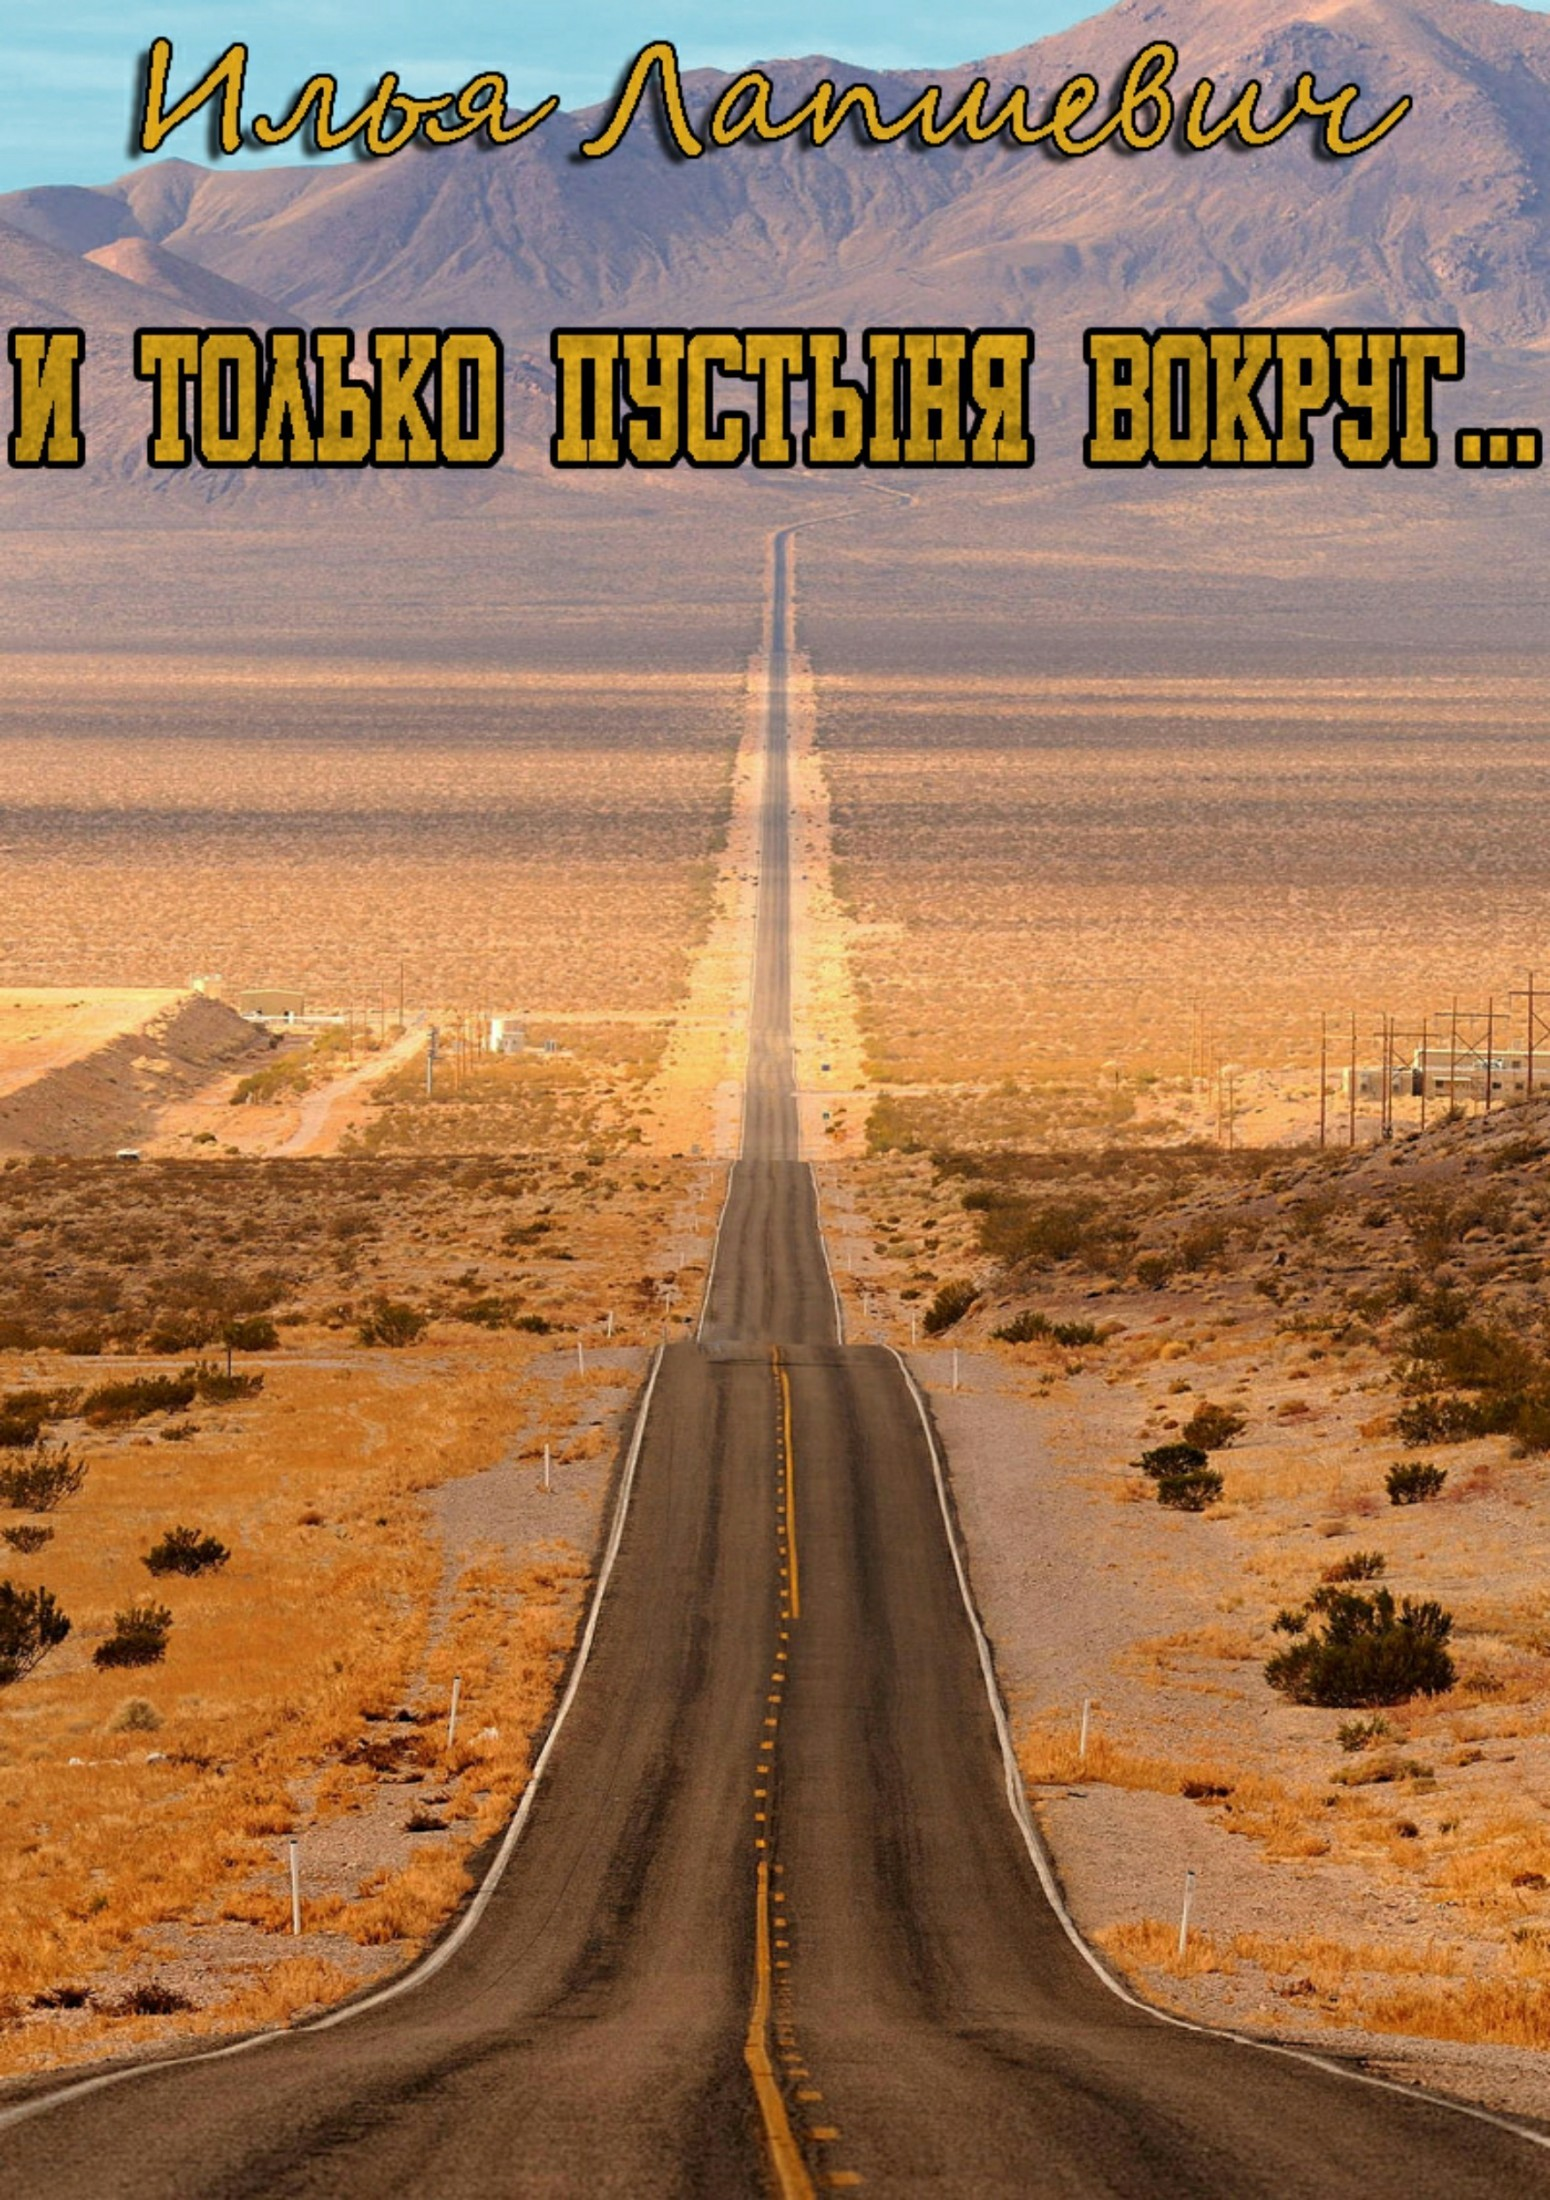 И только пустыня вокруг…